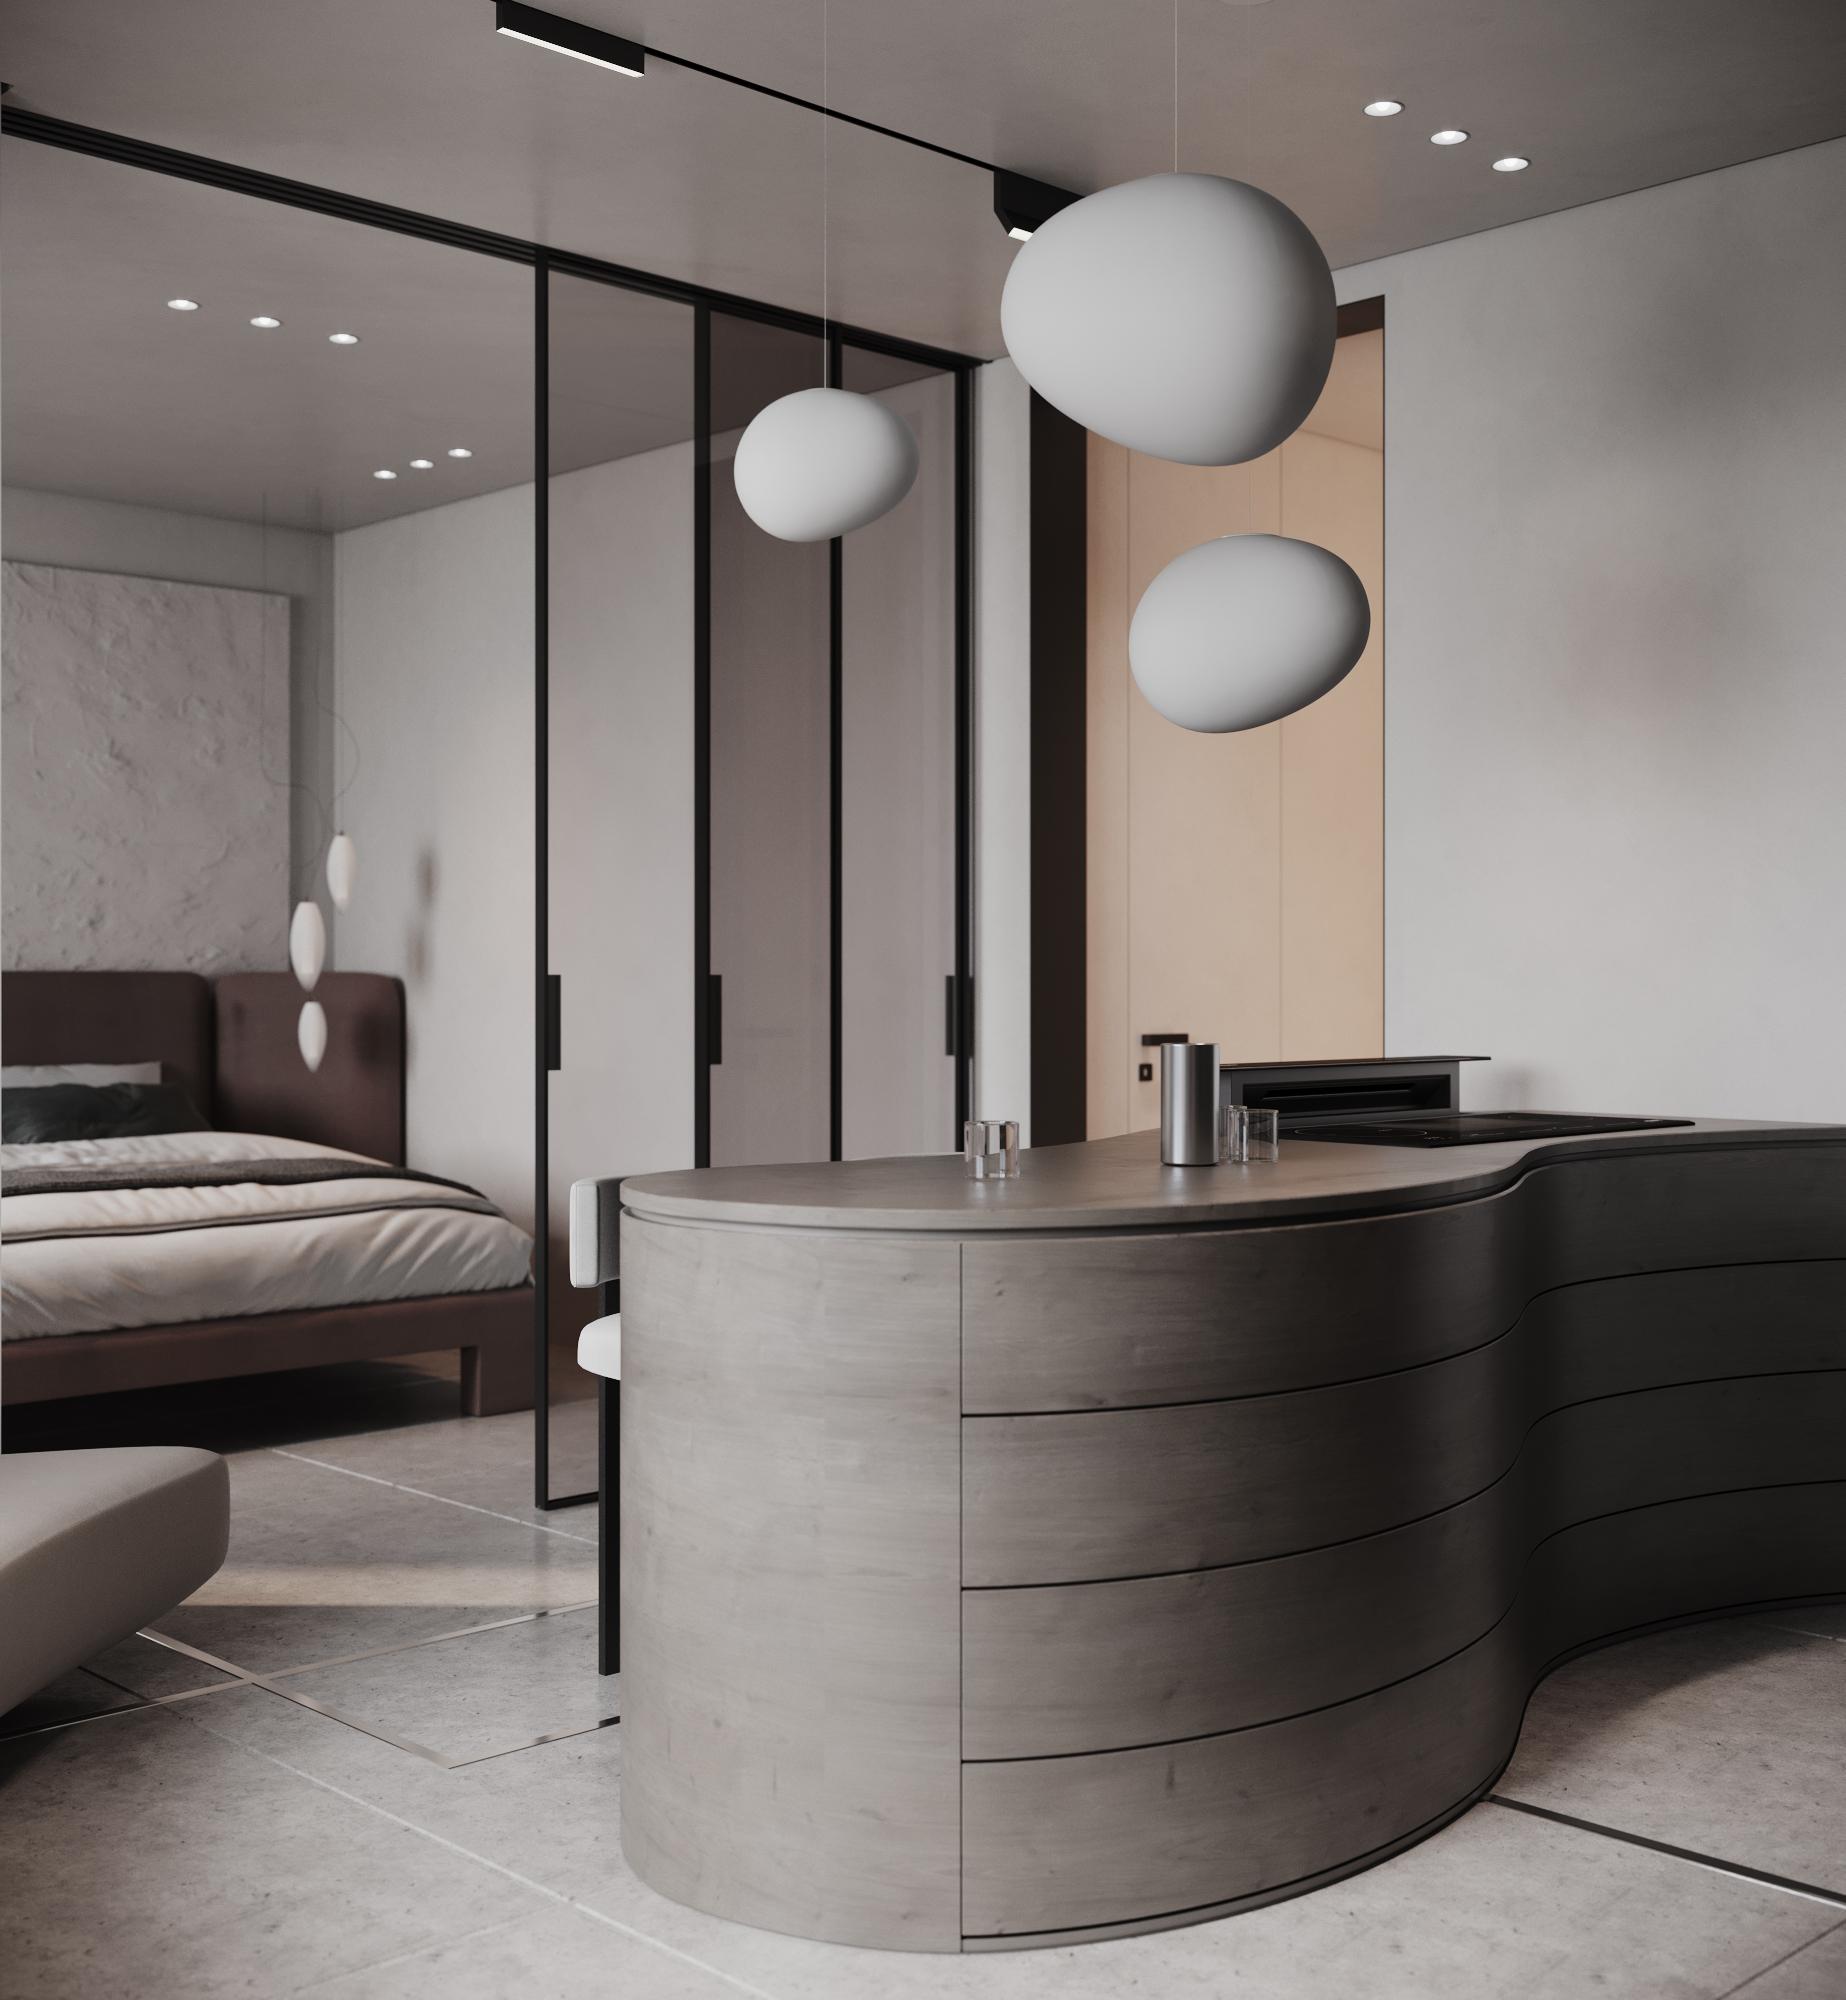 Функциональность в маленькой квартире - первое над чем мы начинаем работать на этапе планировочного решения.